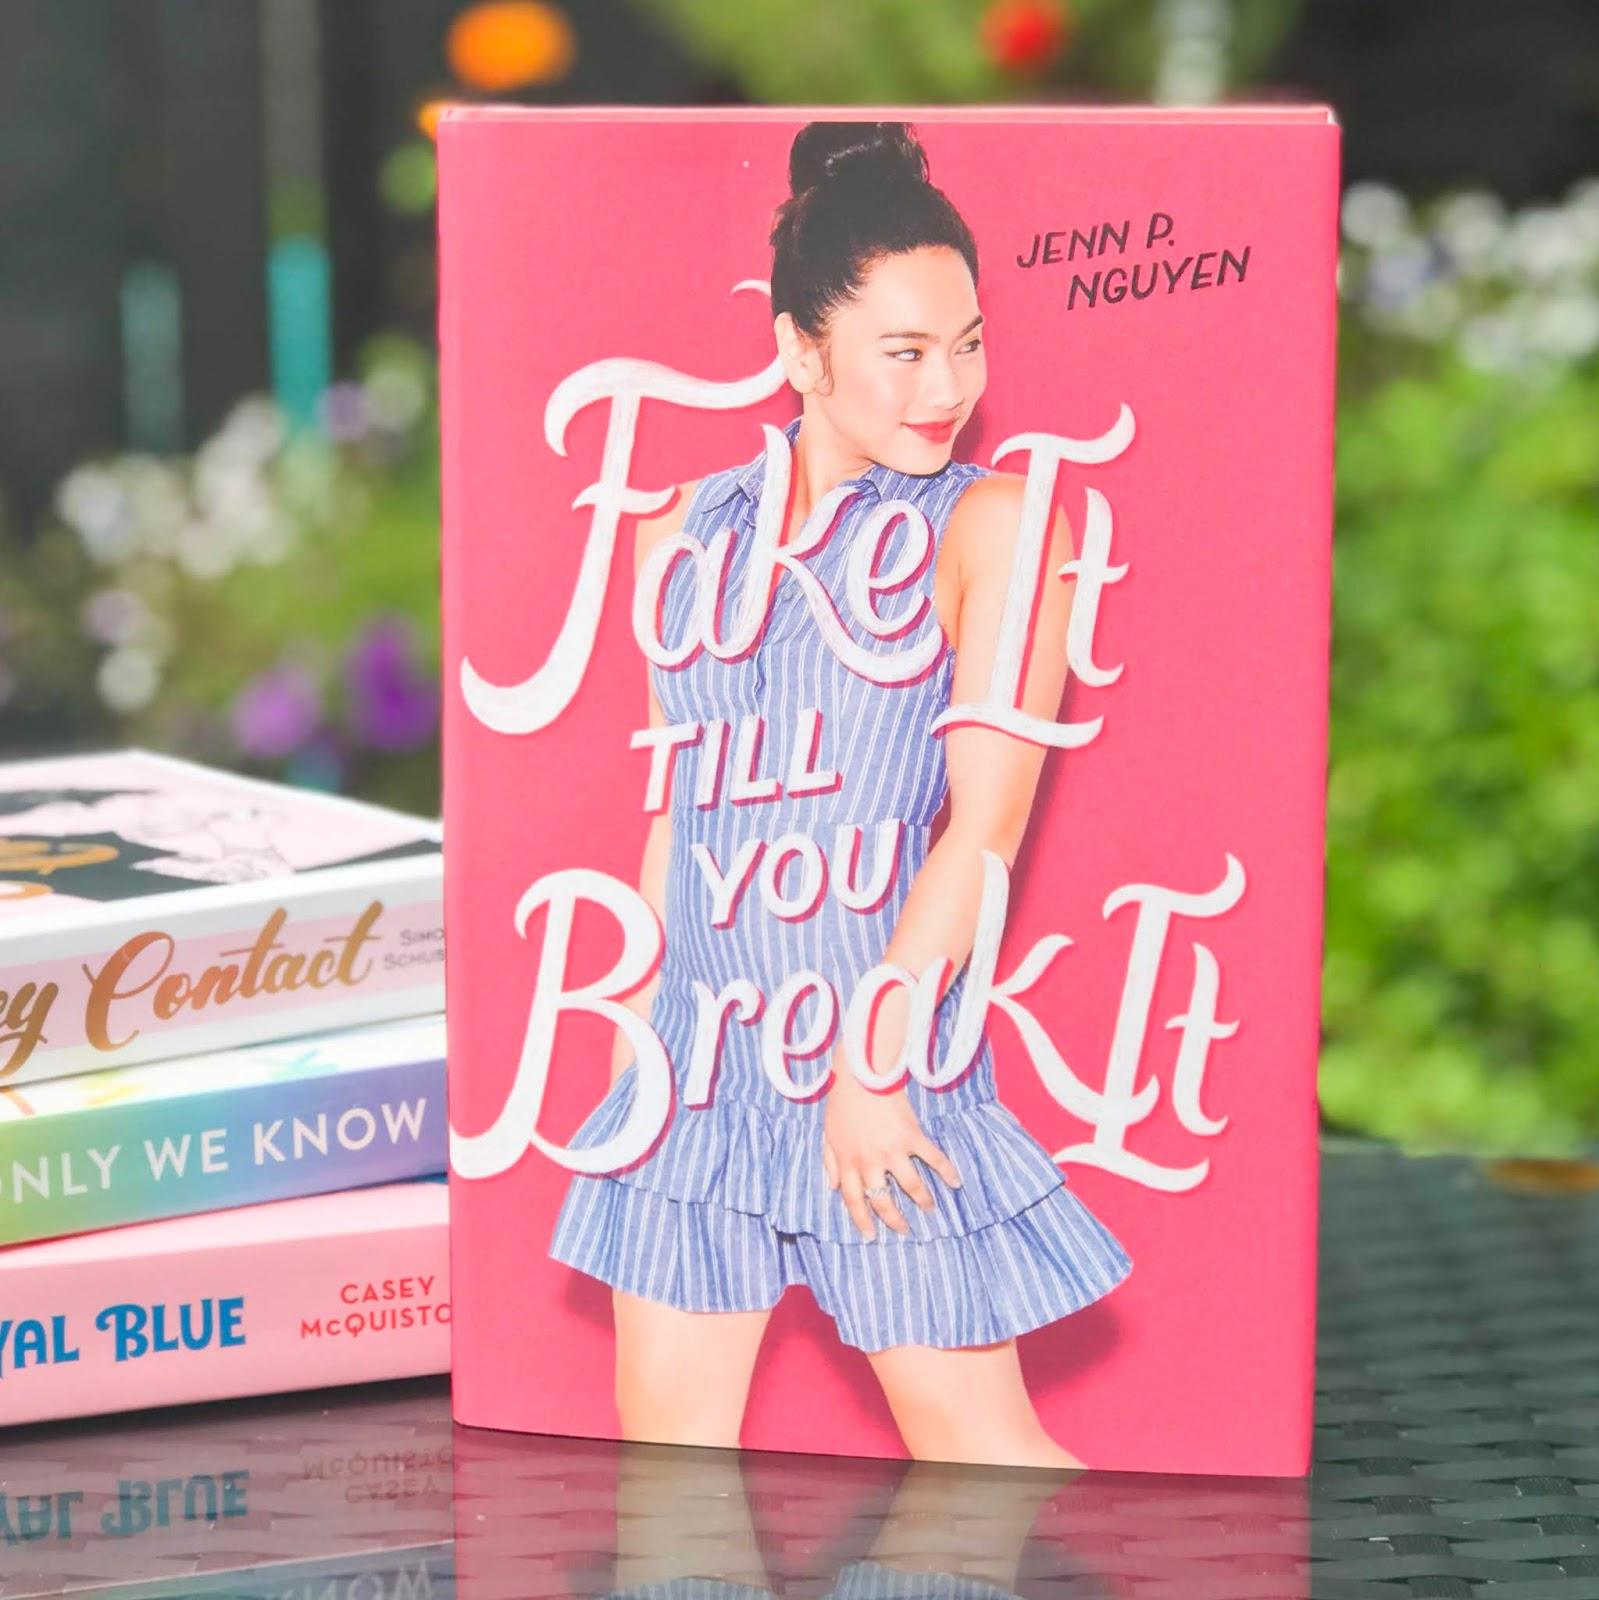 Fake It Till You Break It - Jenn P. Nguyen